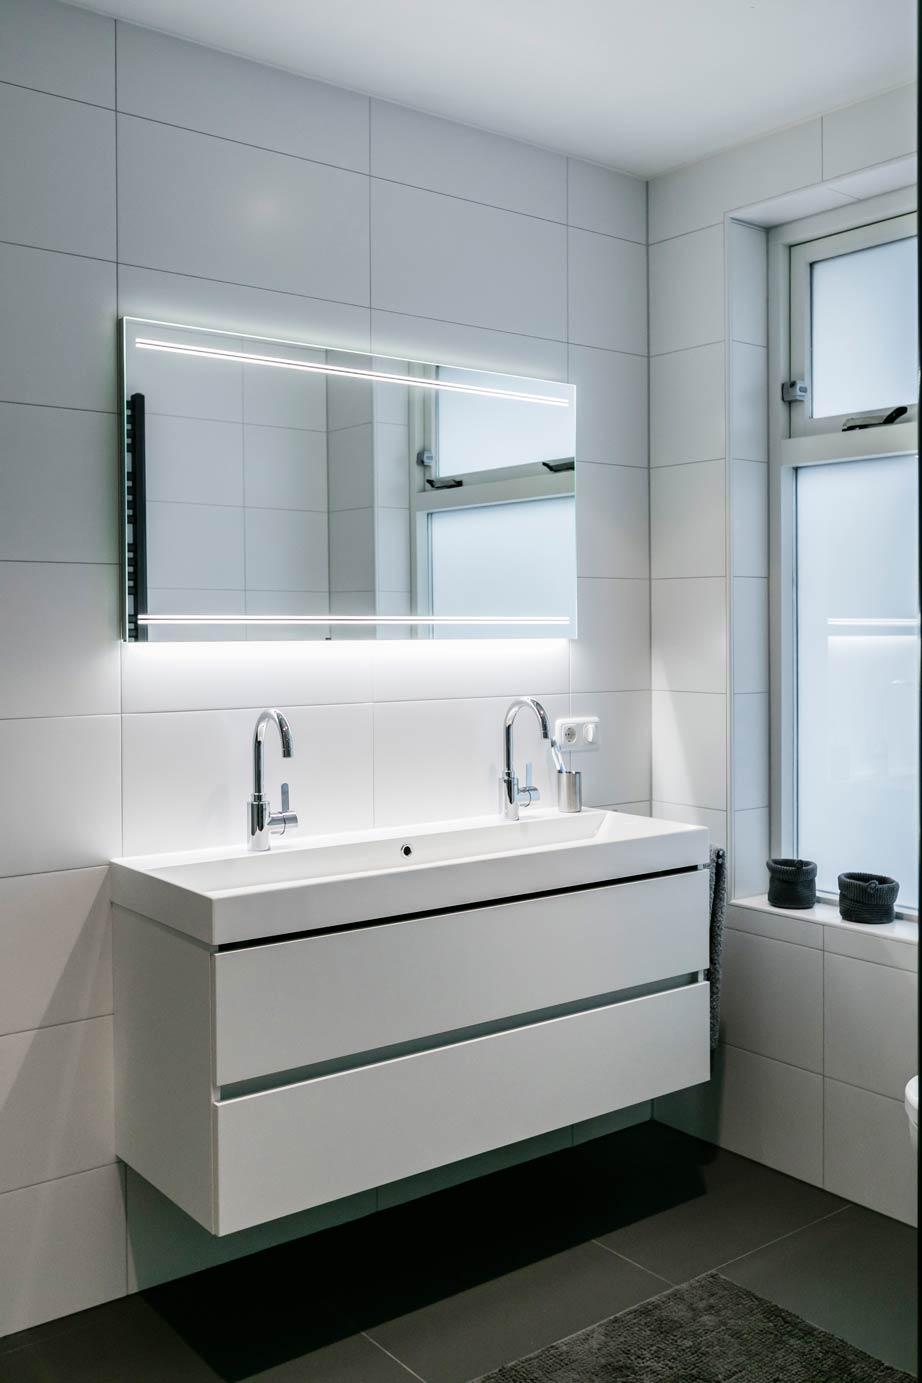 Badkamer Hoofddorp Ideen : Arma badkamers nunspeet arma keukens en sanitair showroom